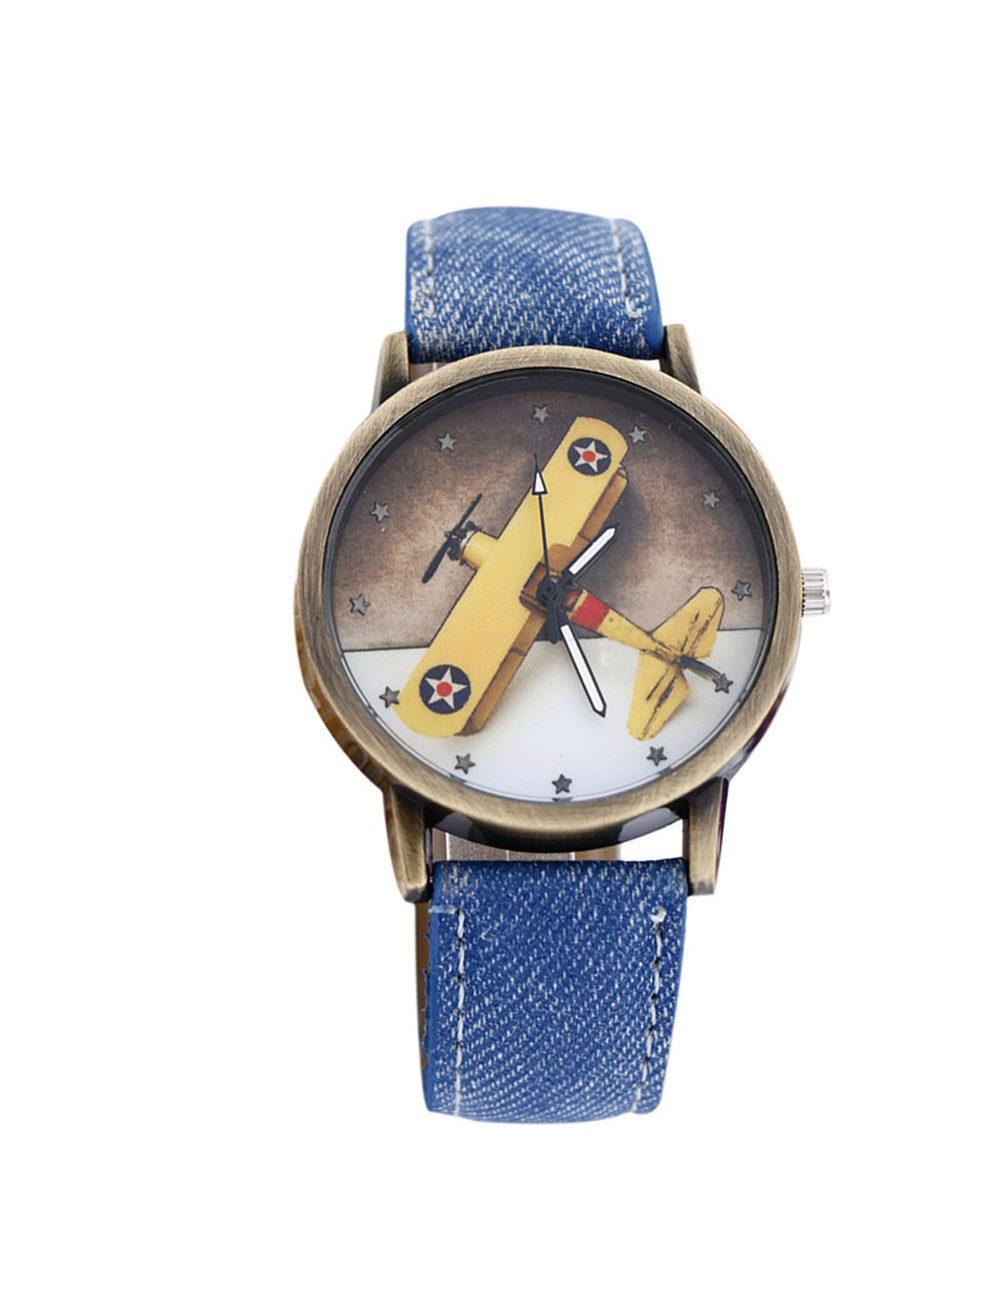 Reloj Avión Vintage Dayoshop $31.900